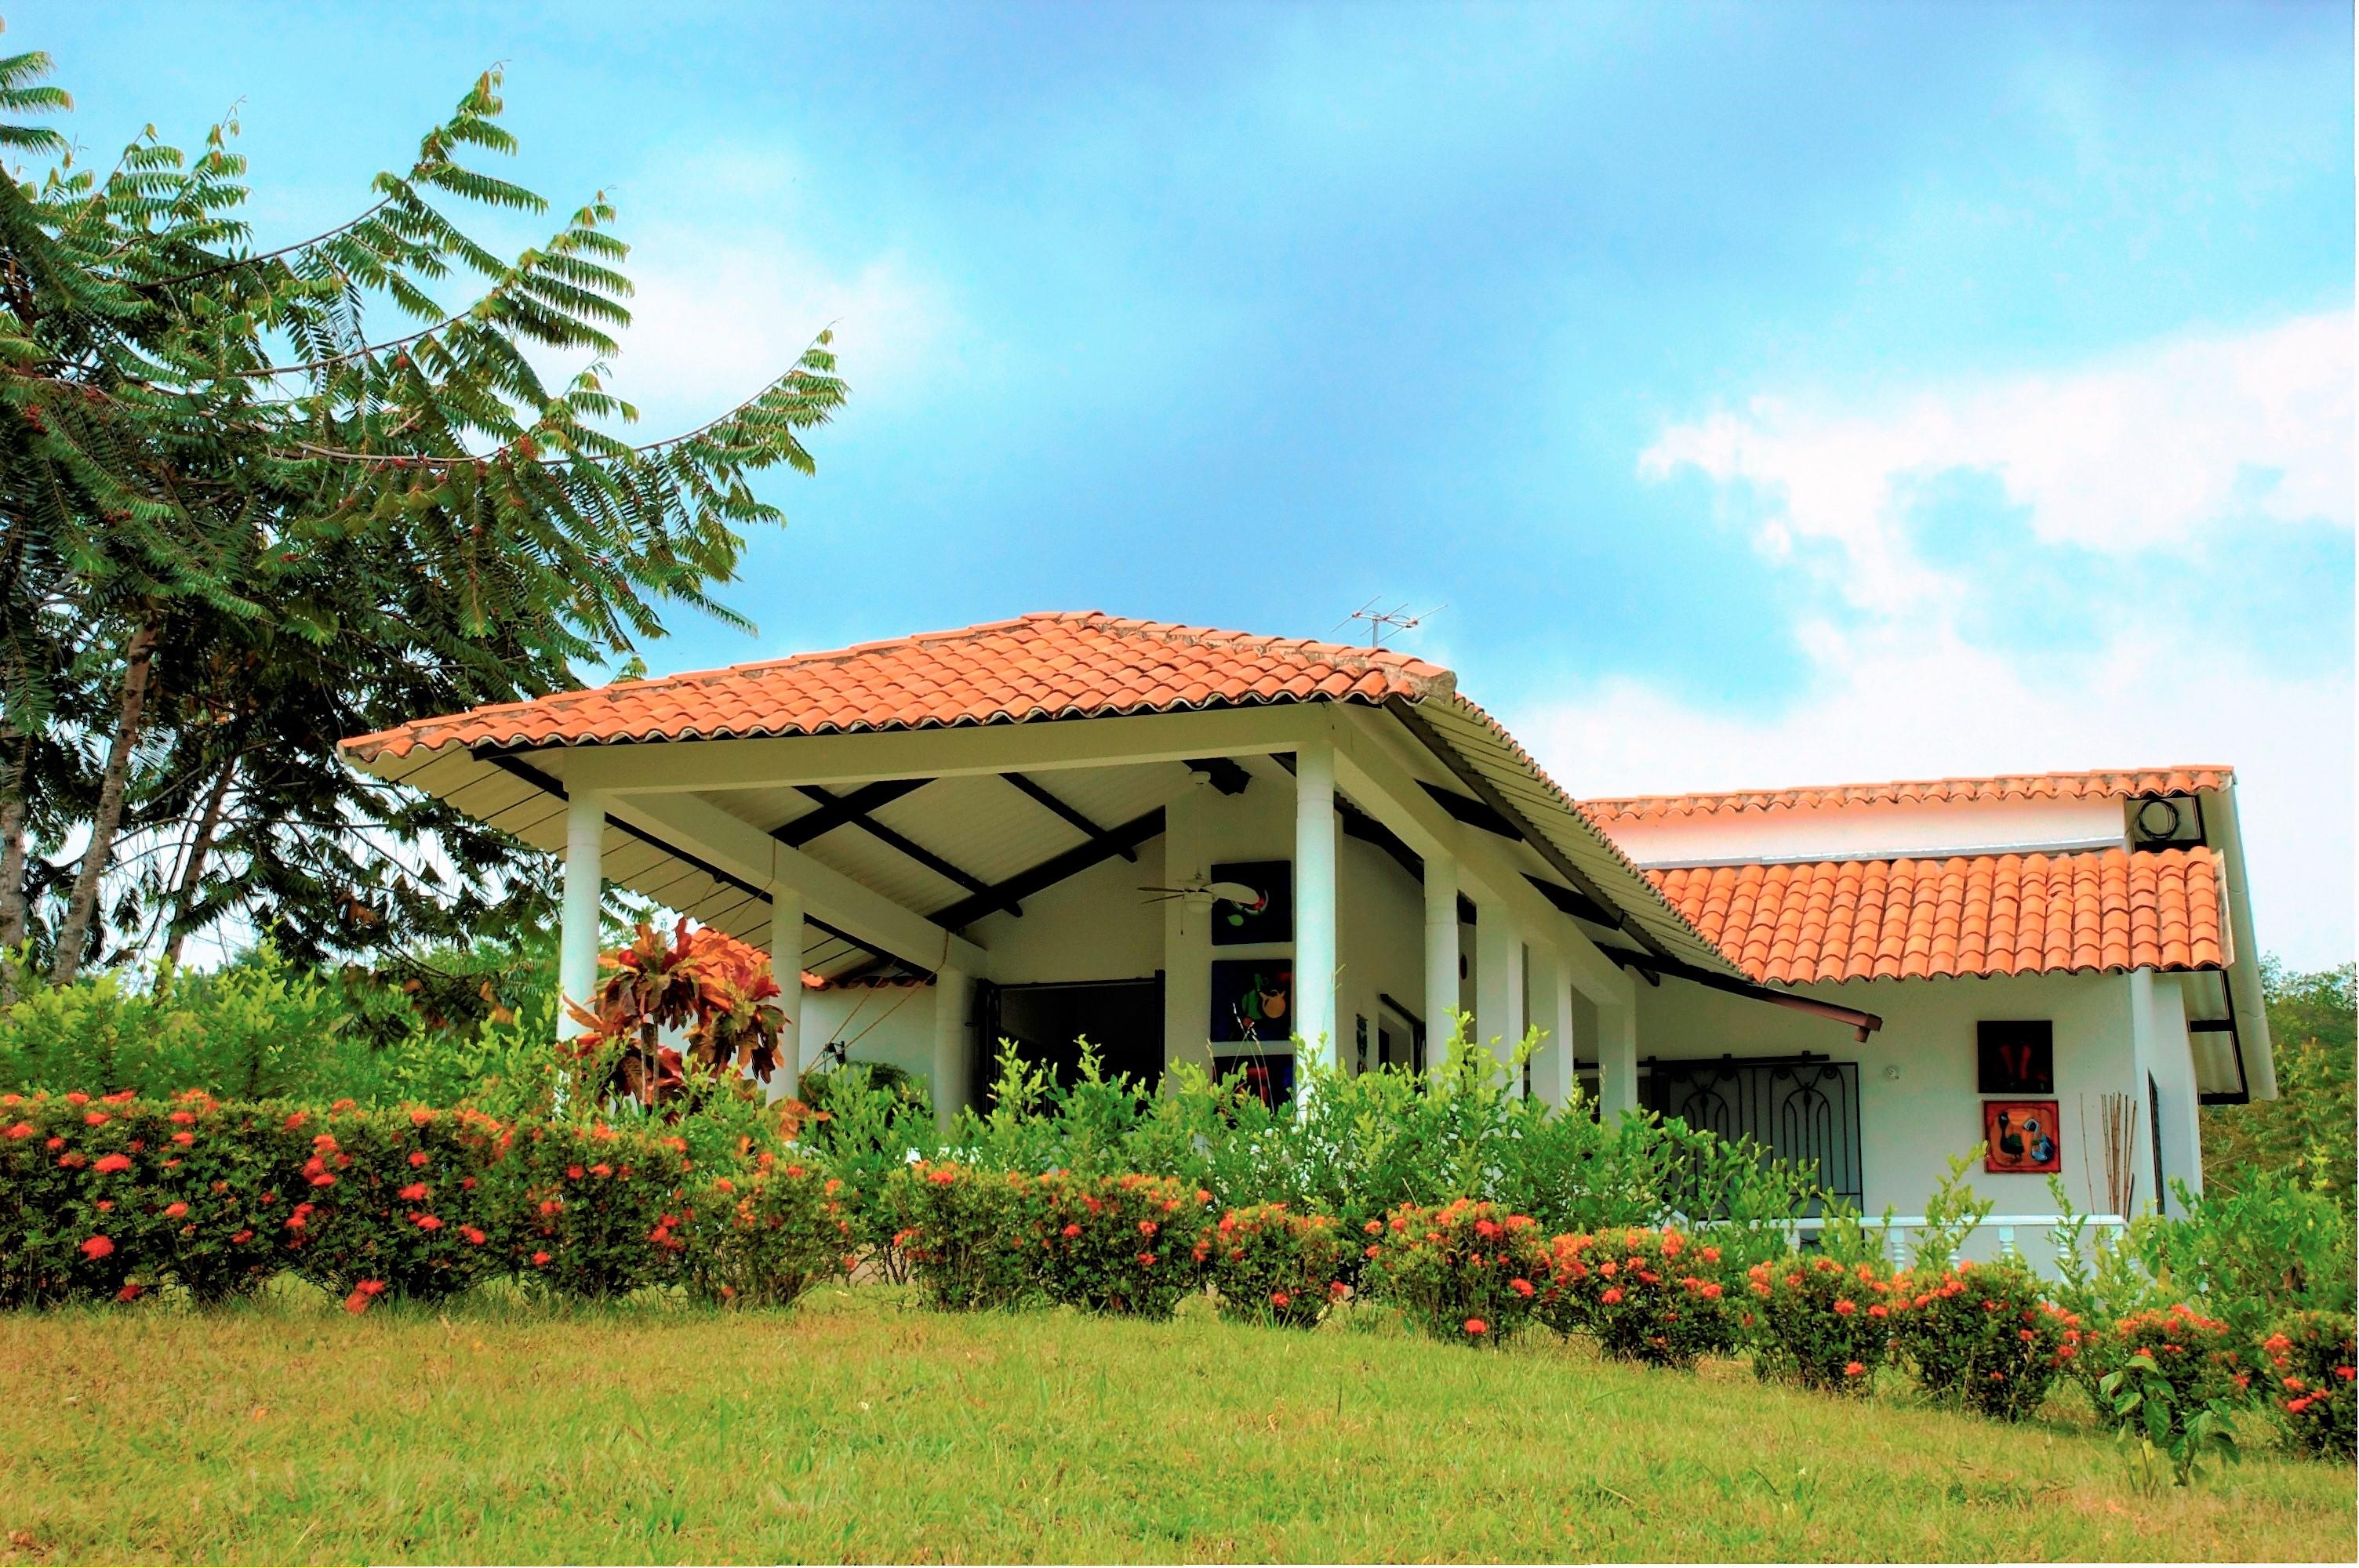 venta lotes y casas campestres colombia carmen de apicala fruworld casa construida 3